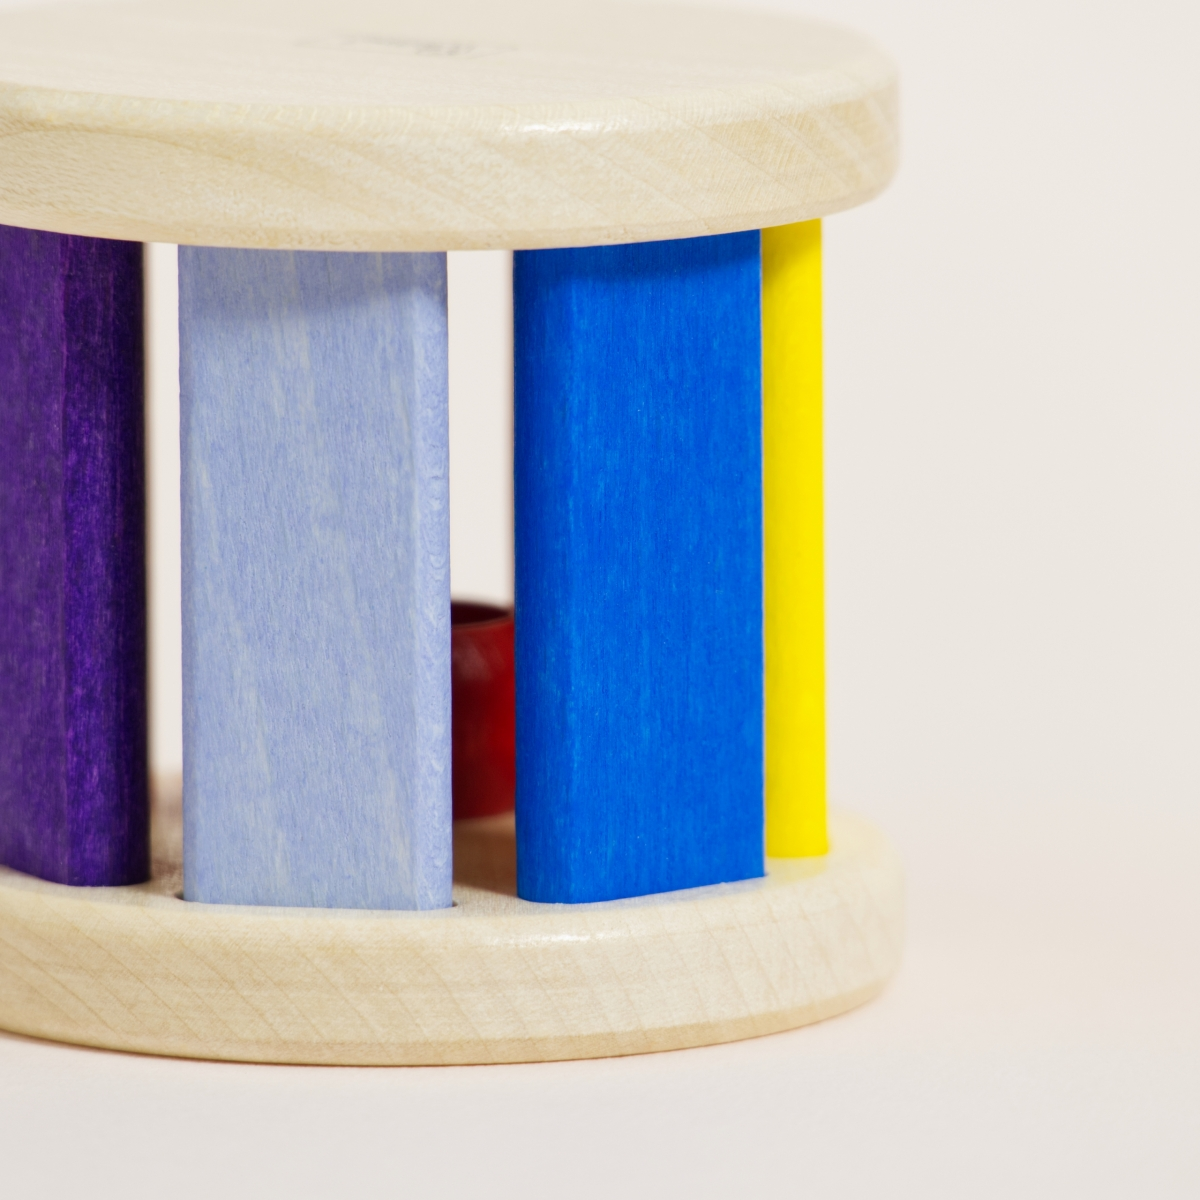 Klangrolle aus Ahornholz mit bunt gefärbten Stäben in verschiedenen Farben von Rot bis Gelb zu Blau und Lila, Detailaufnahme Holzstruktur erkennbar